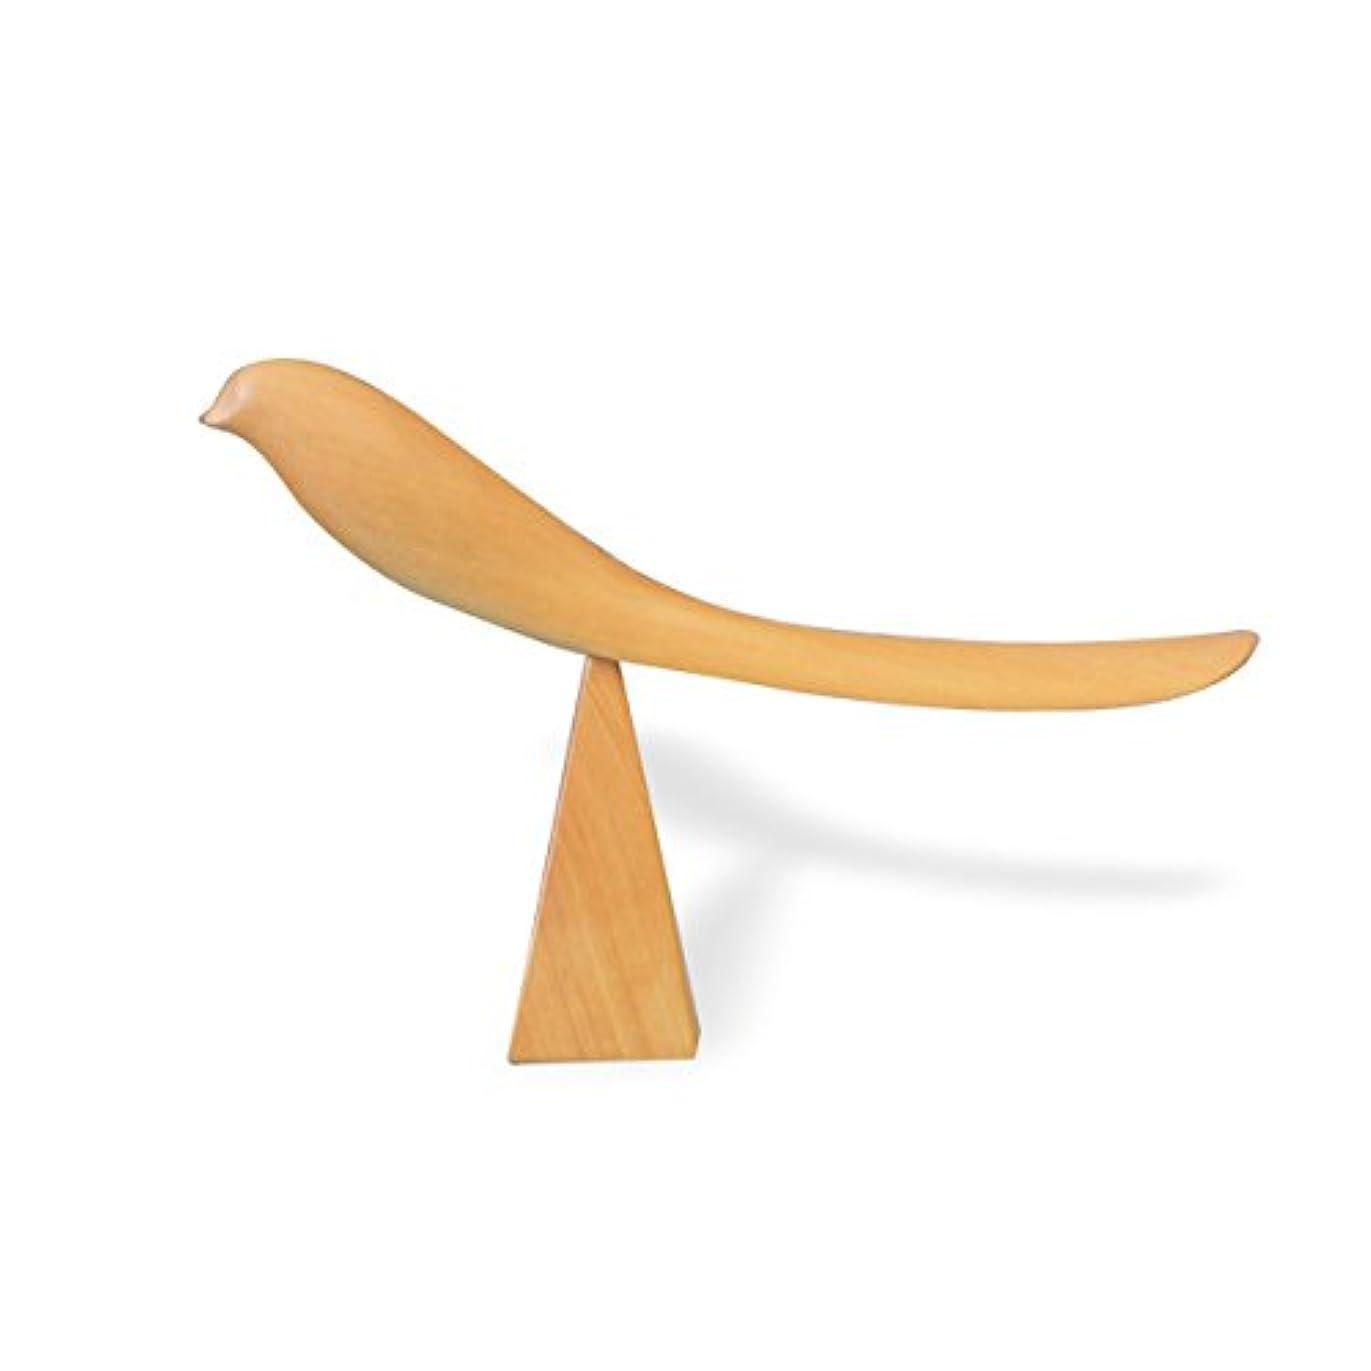 イディオム対立ちなみに靴べら くつべら 木製 スタンド SHOEHORN ミャンマー 親鳥の靴べら 手作り 鳥 木製 鉄刀木 ツゲ 貴重な銘木 (ツゲ(ナチュラル))